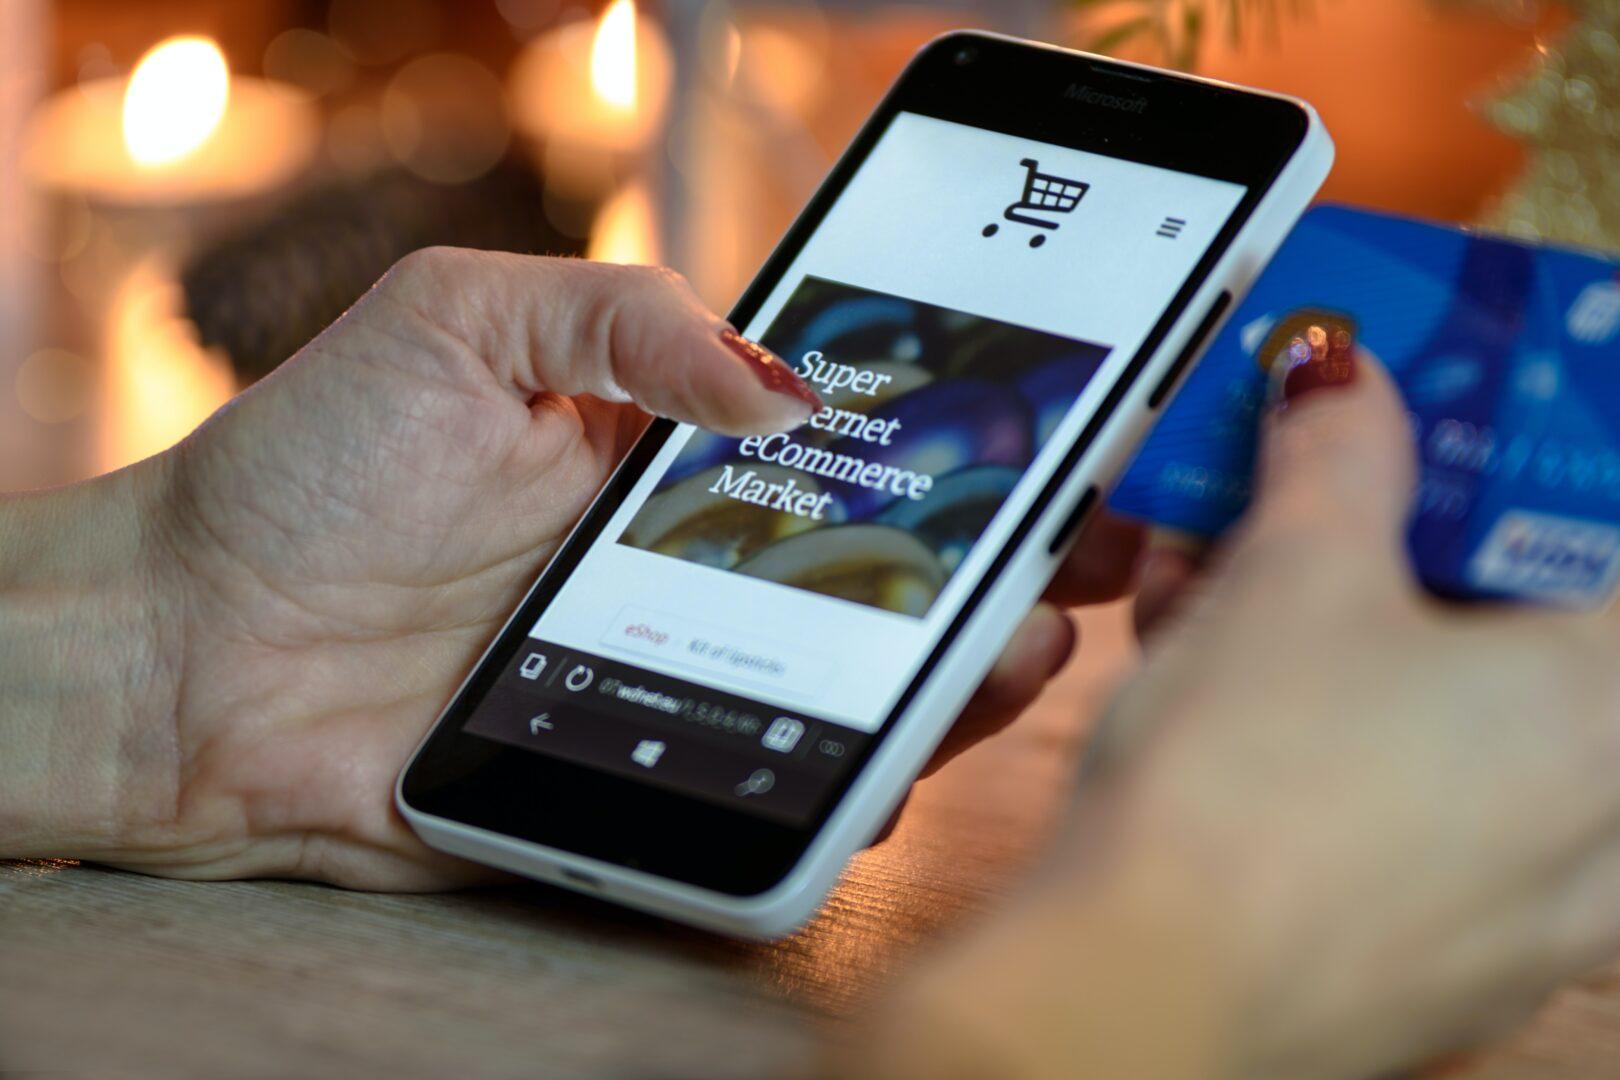 Posicionamiento SEO en buscadores de Google de tu web o tienda online